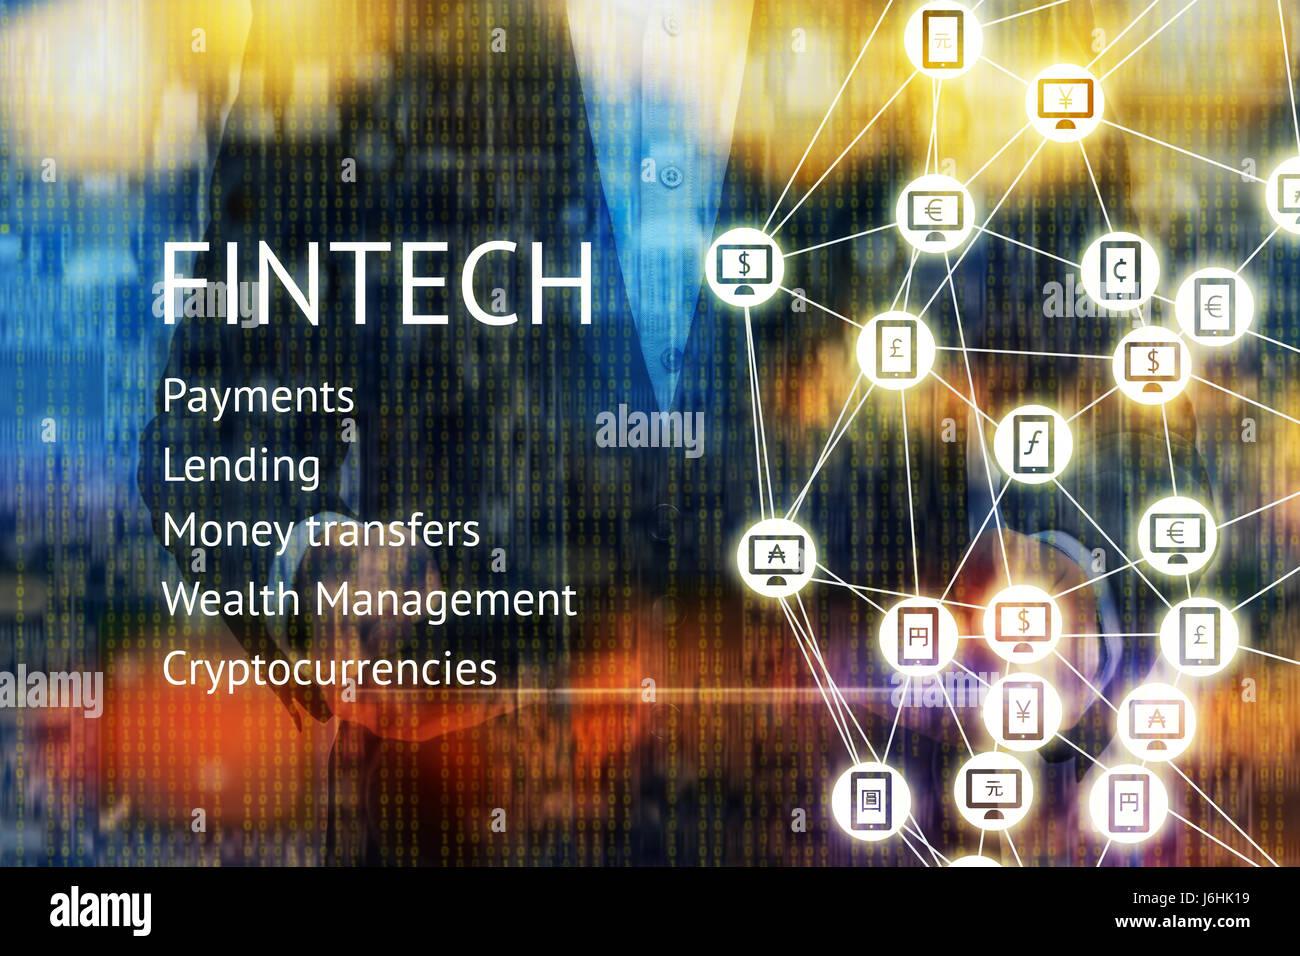 La technologie financière Fintech et e-commerce concept. Costume homme holding tablet.monnaies signe sur mobile, Photo Stock